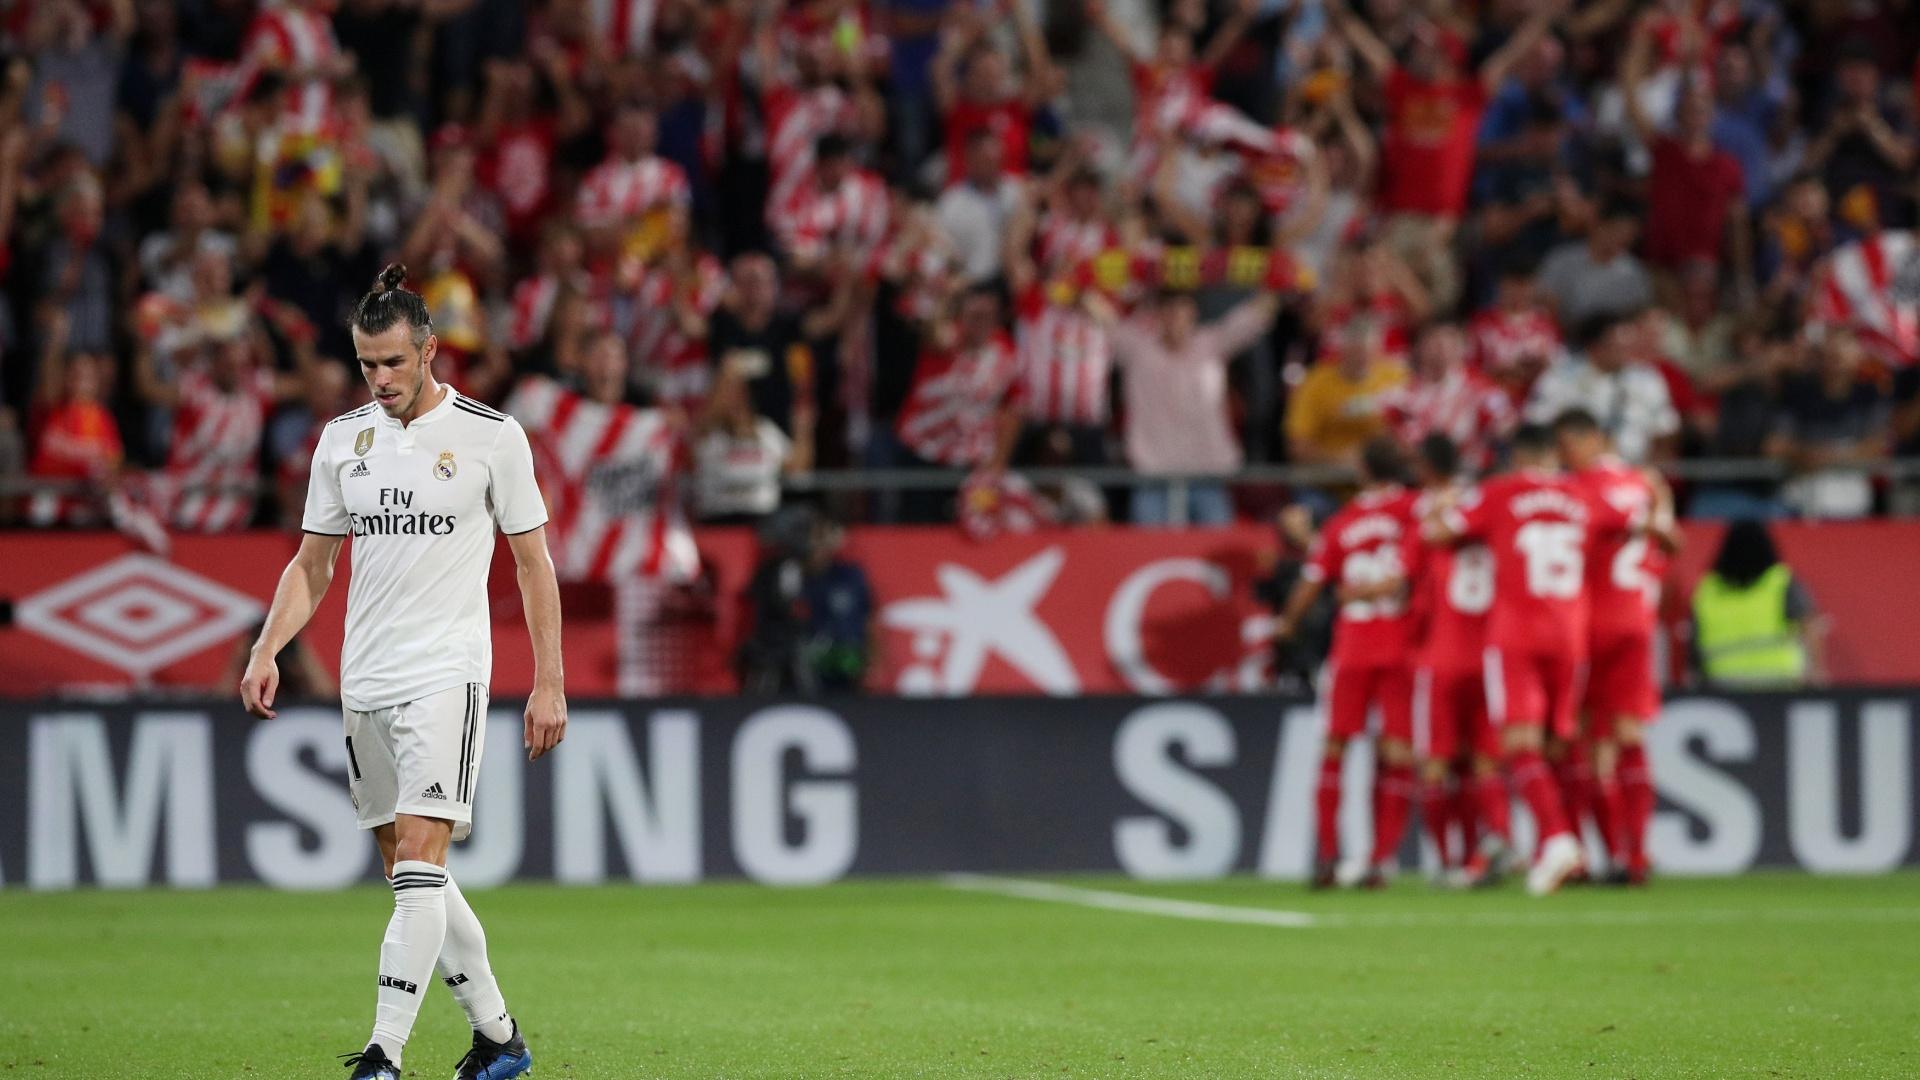 Gareth Bale lamenta o gol marcado por Borja Garcia, do Girona, em duelo válido pelo Campeonato Espanhol